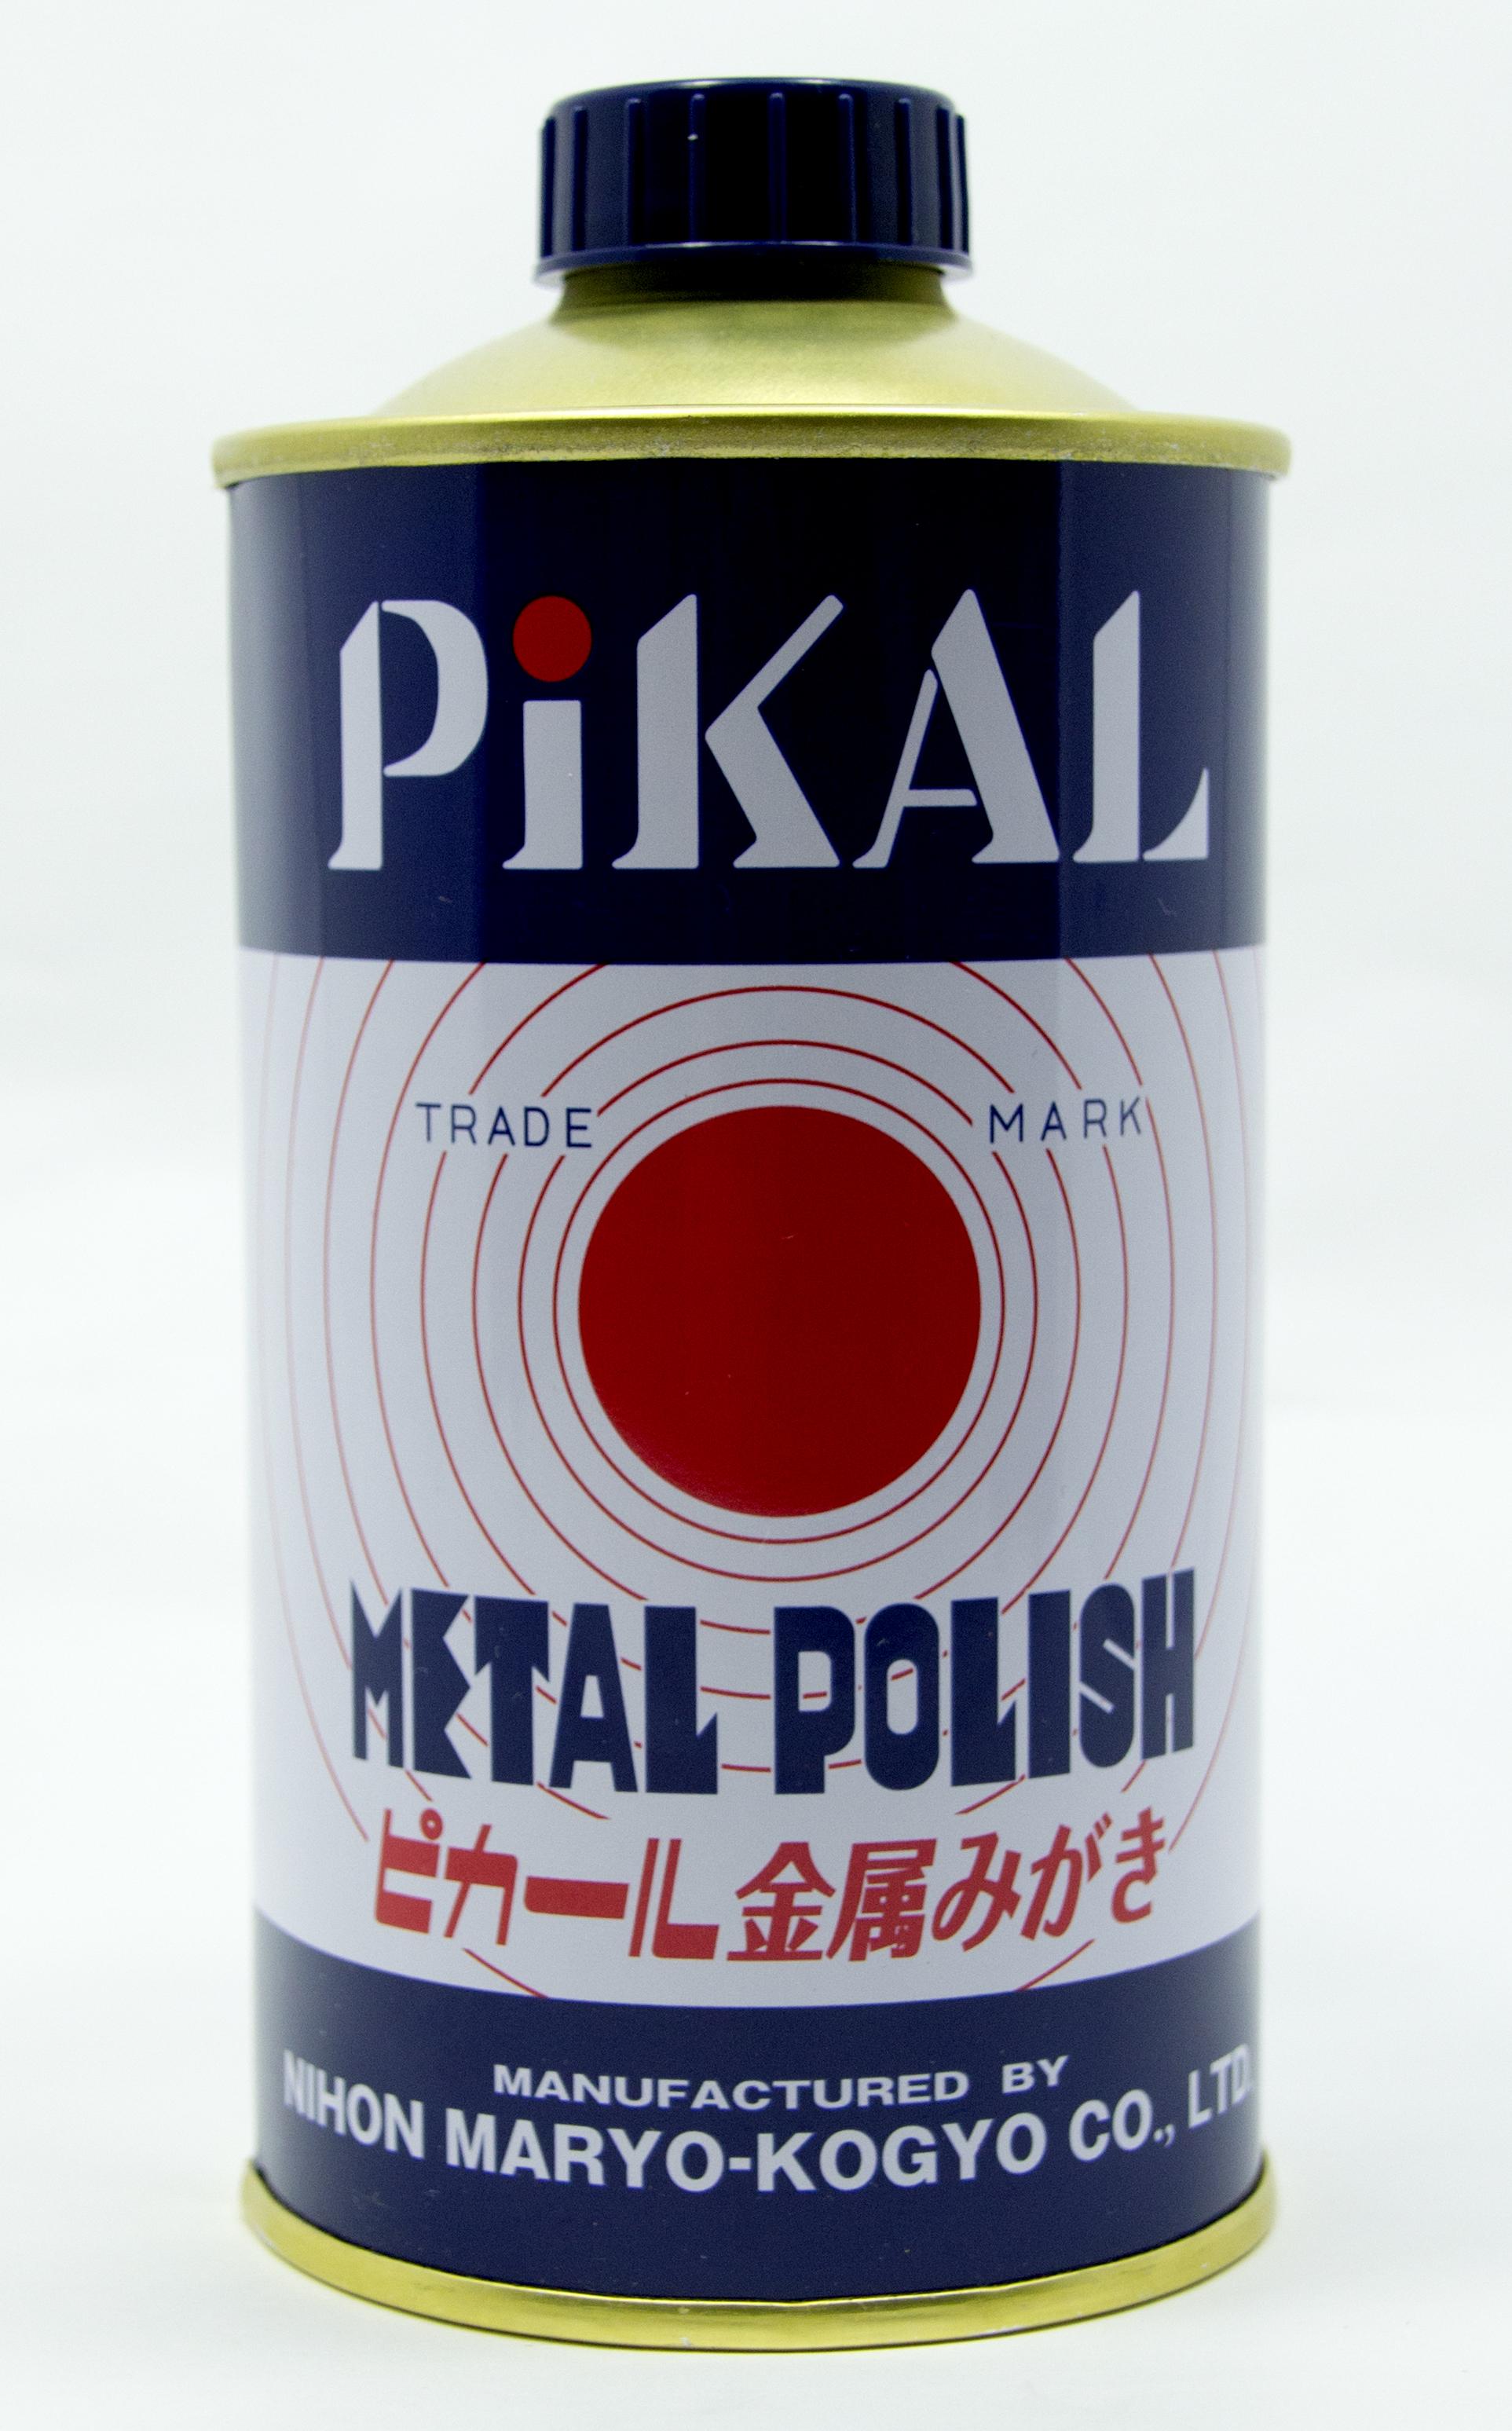 ピカール 研磨 ピカールの粒度と研磨素材 - modama.net